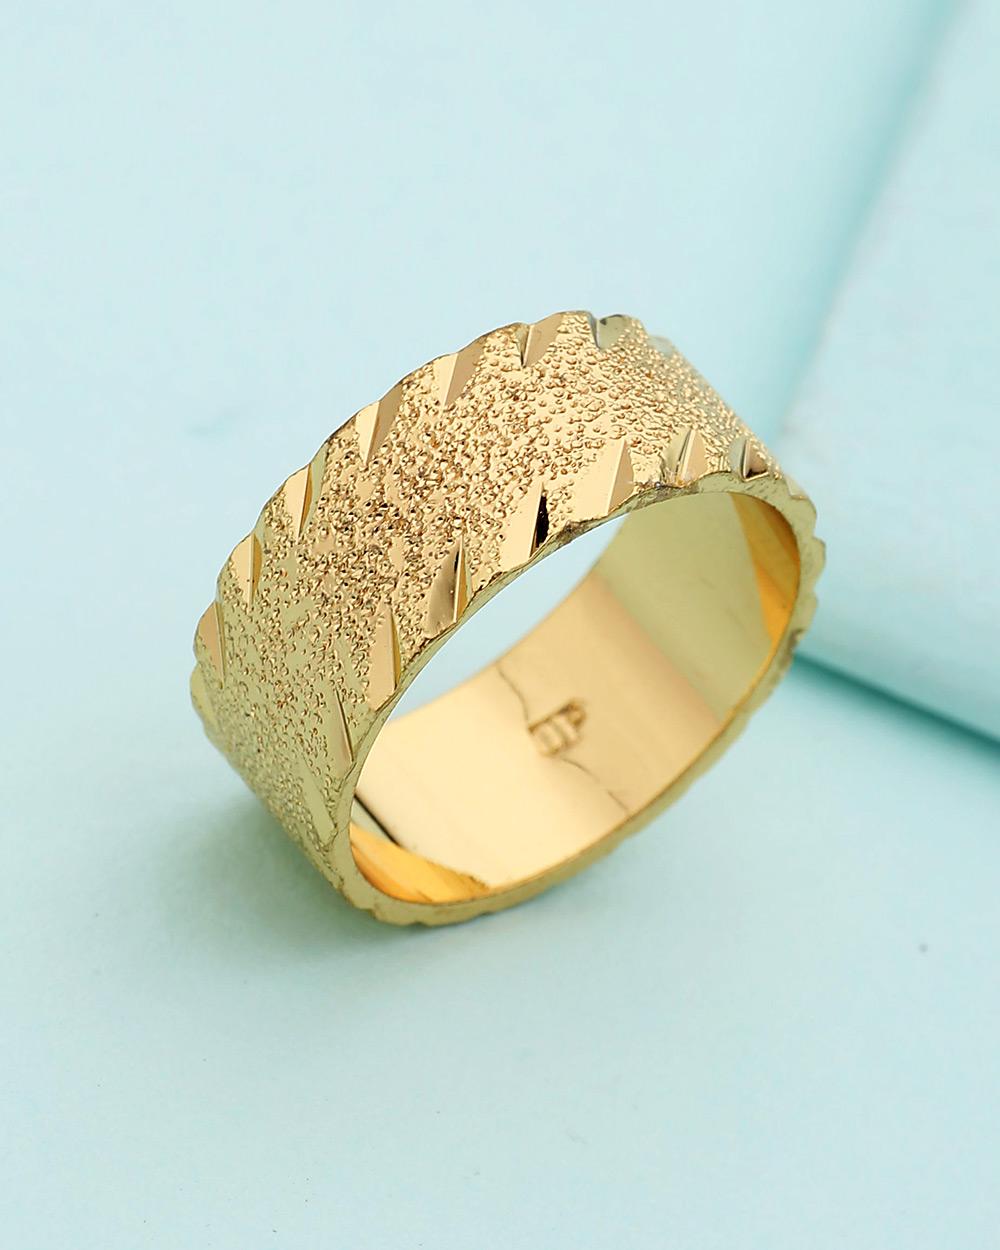 Buy Textured Golden Ring For Men Online India | Voylla